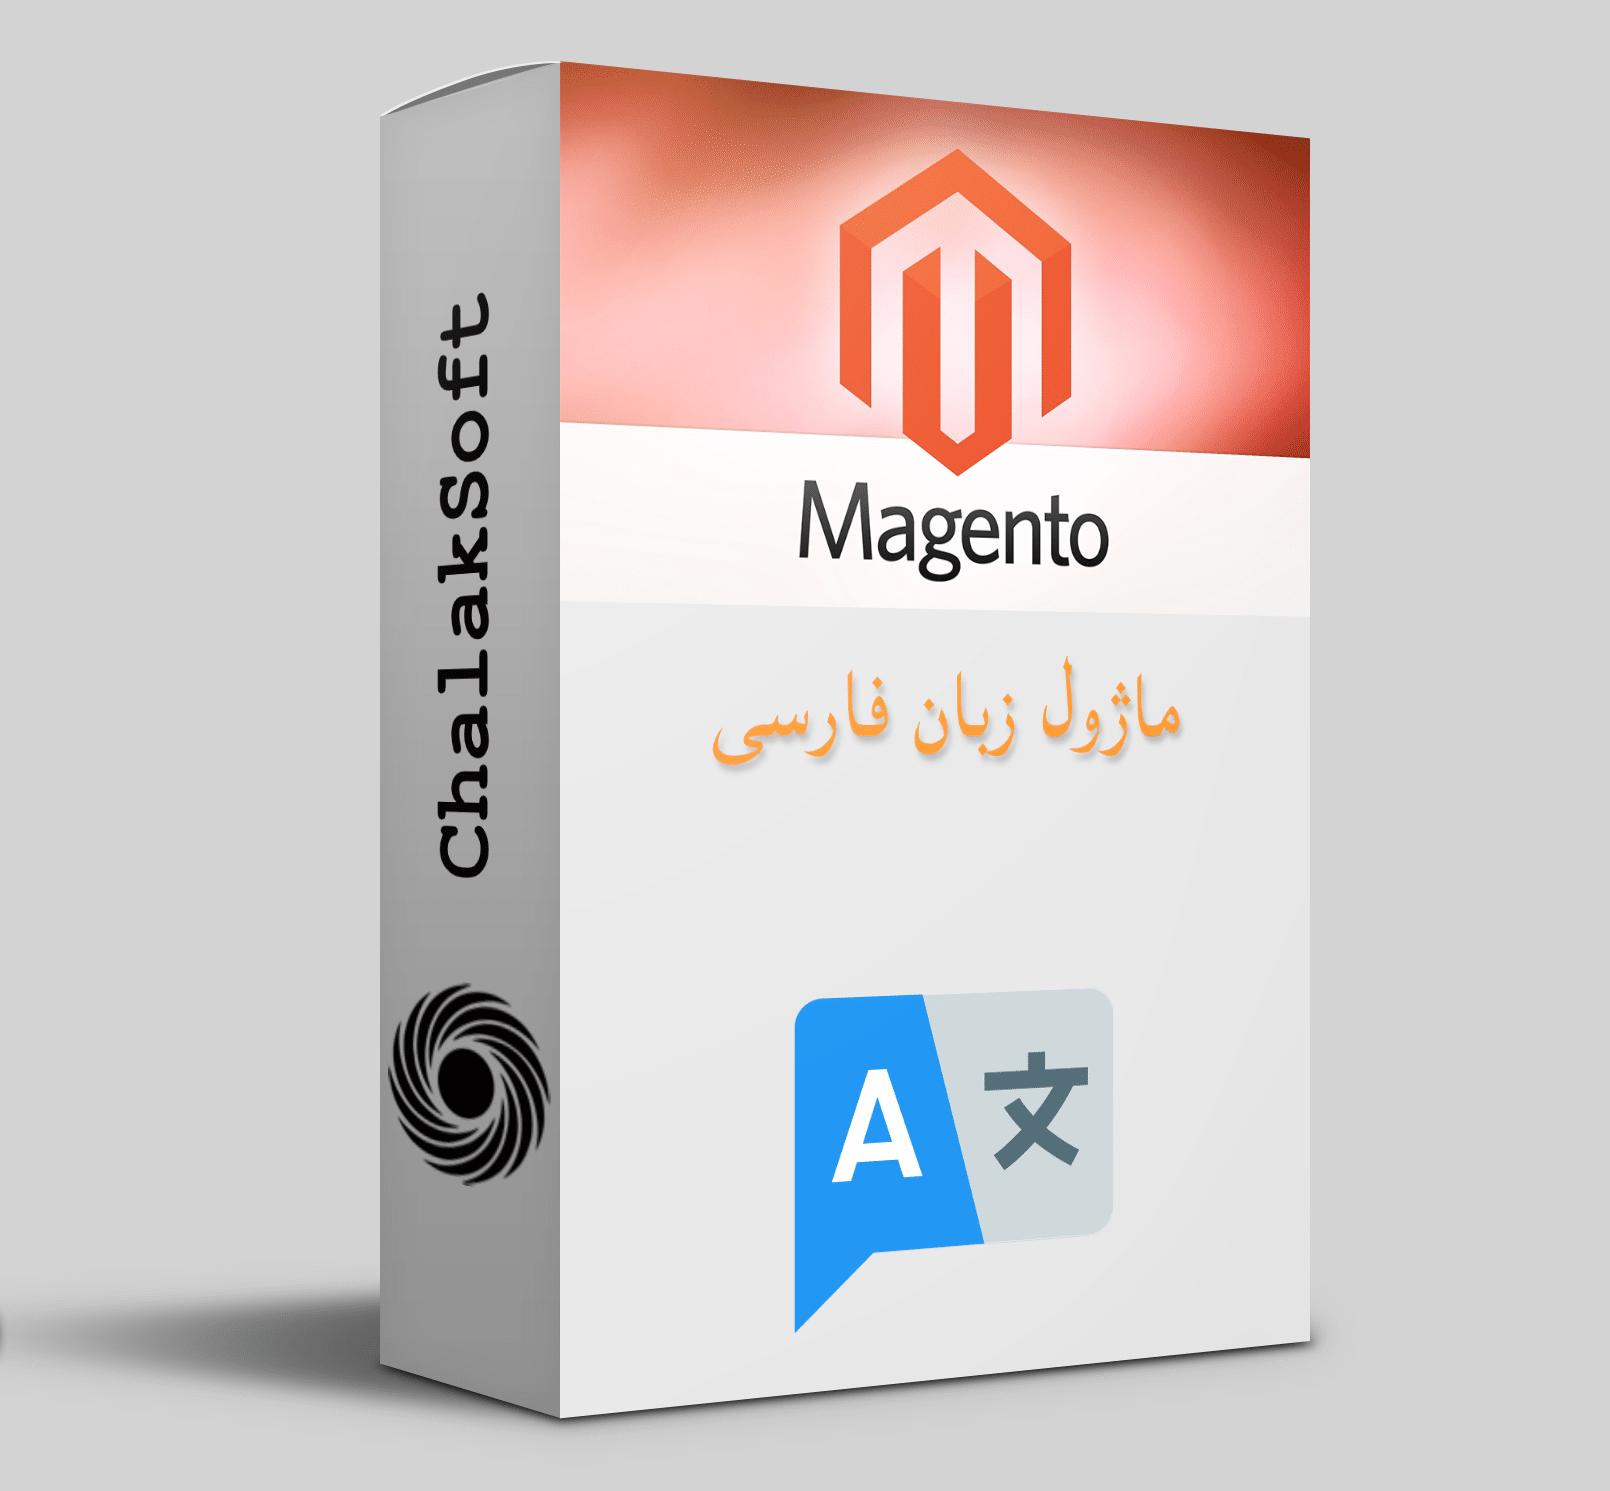 ماژول زبان فارسی برای مجنتو